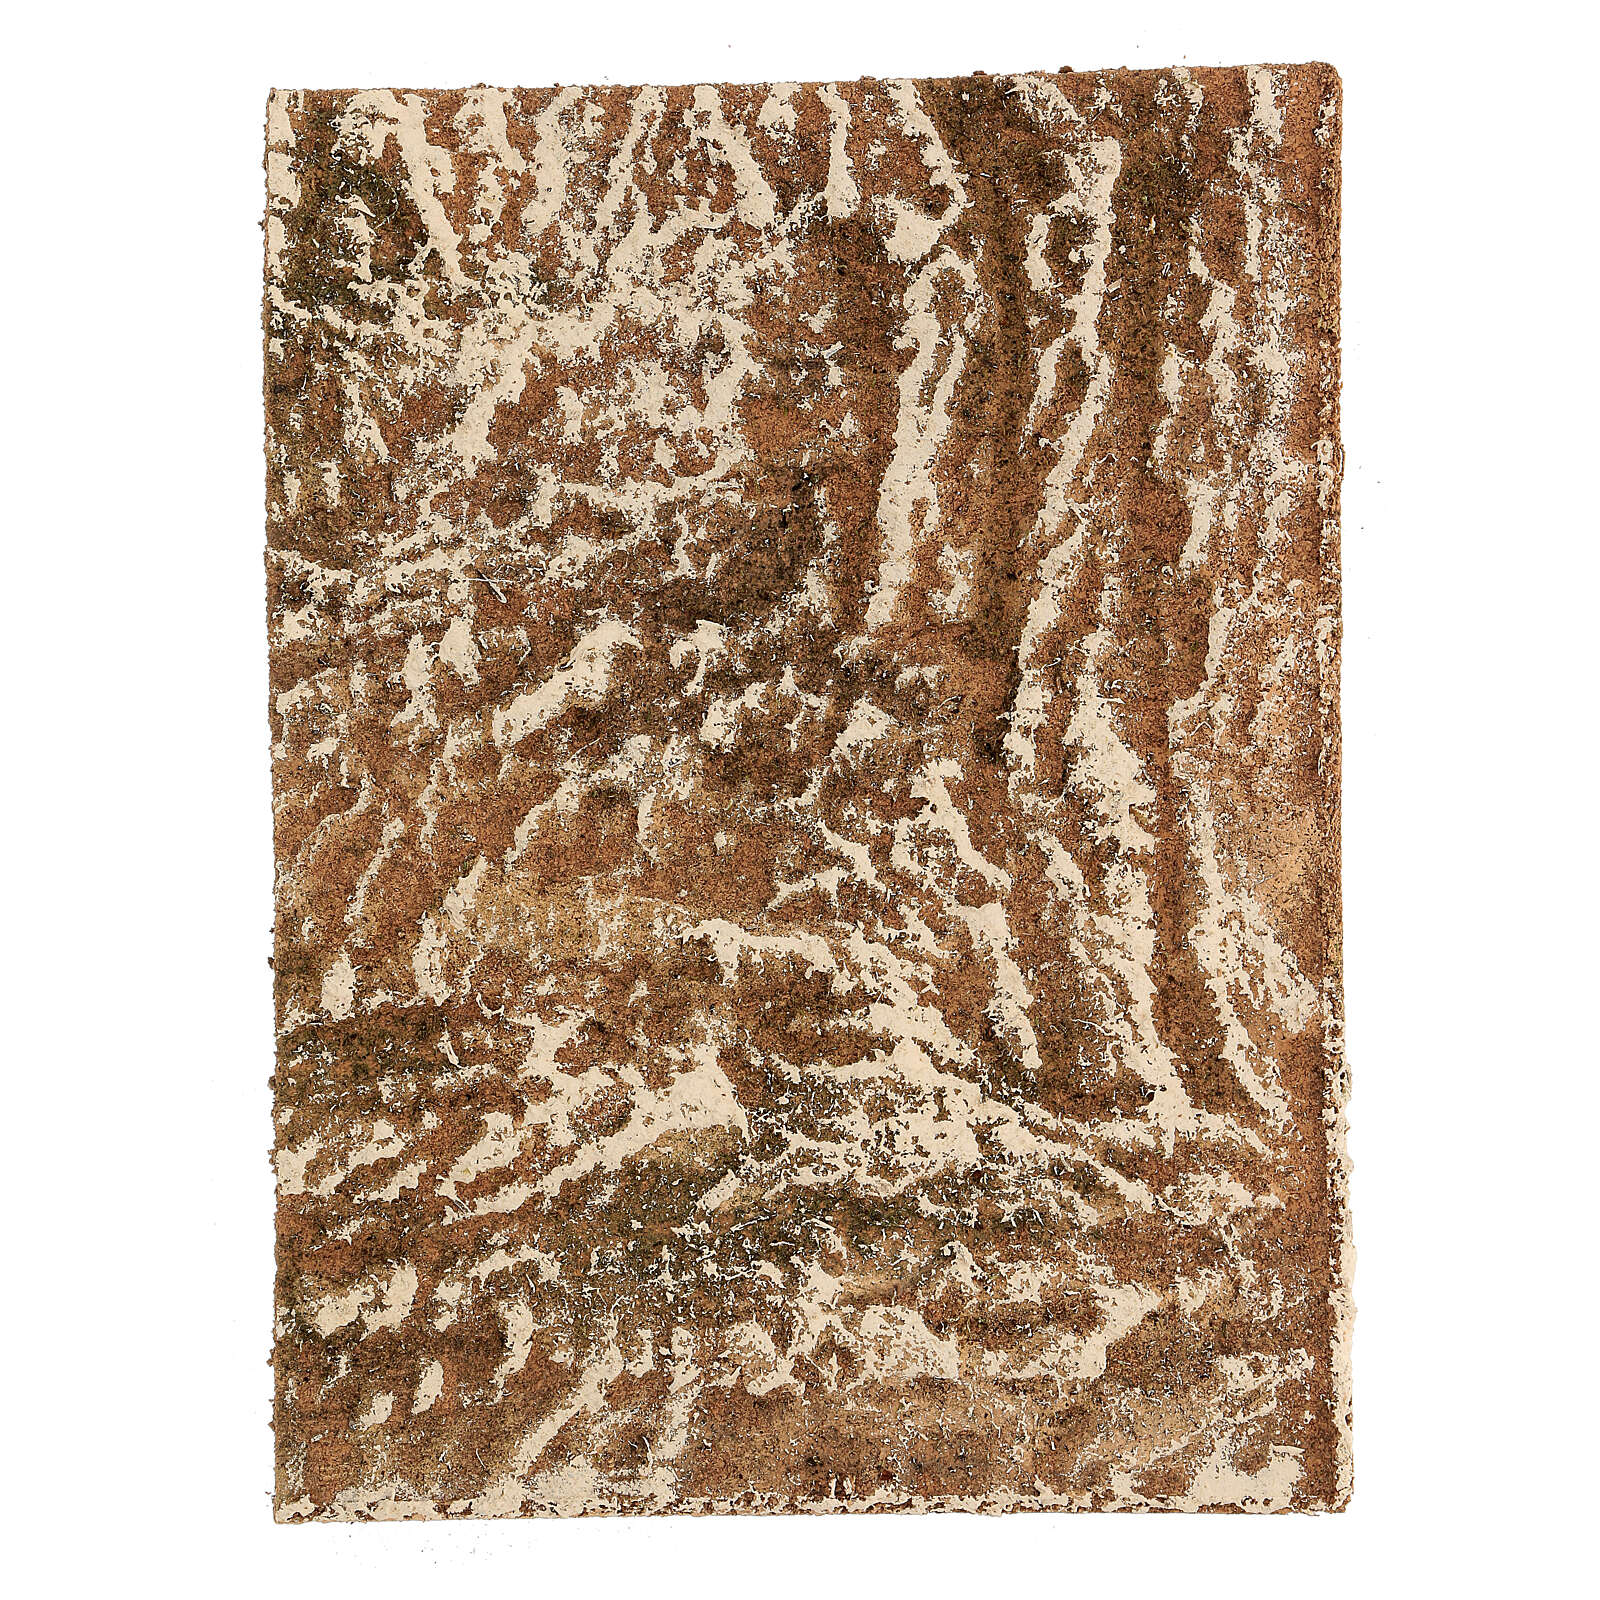 Pannello sughero presepe tipo corteccia naturale 33x25x1 cm 4